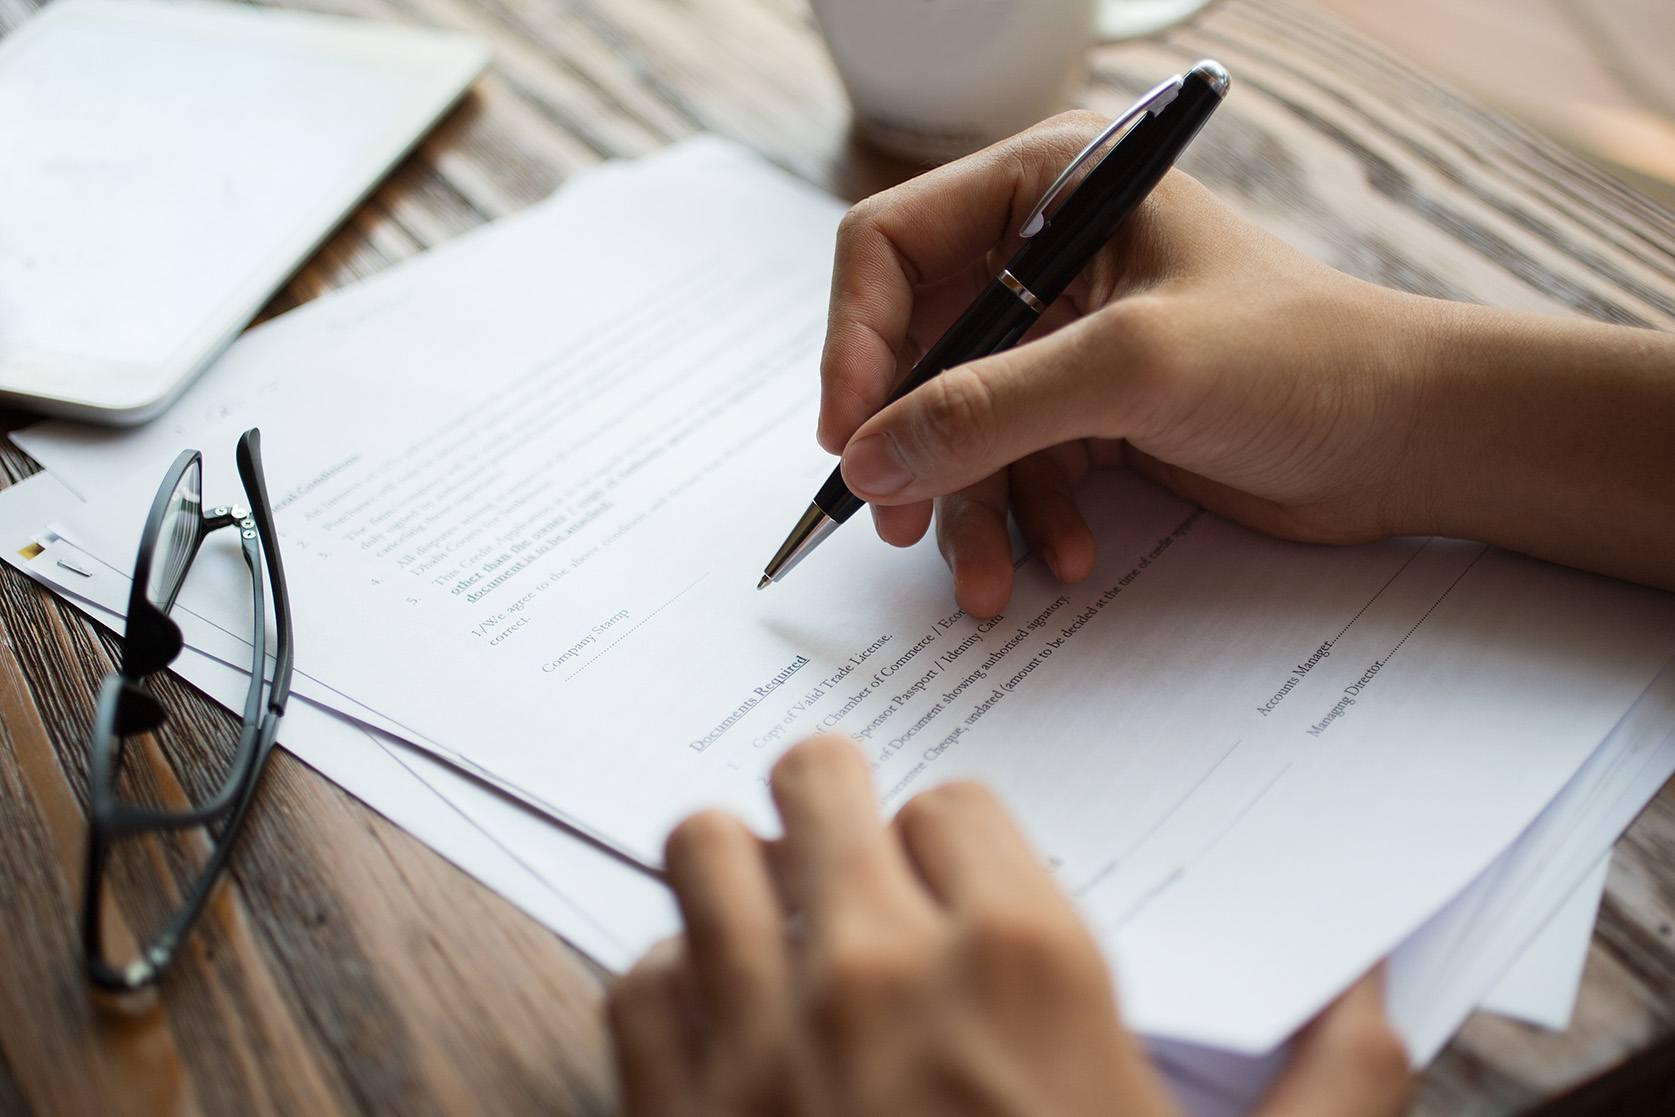 Qué documentos deben estar siempre en tu oficina y por qué? | Sage ...